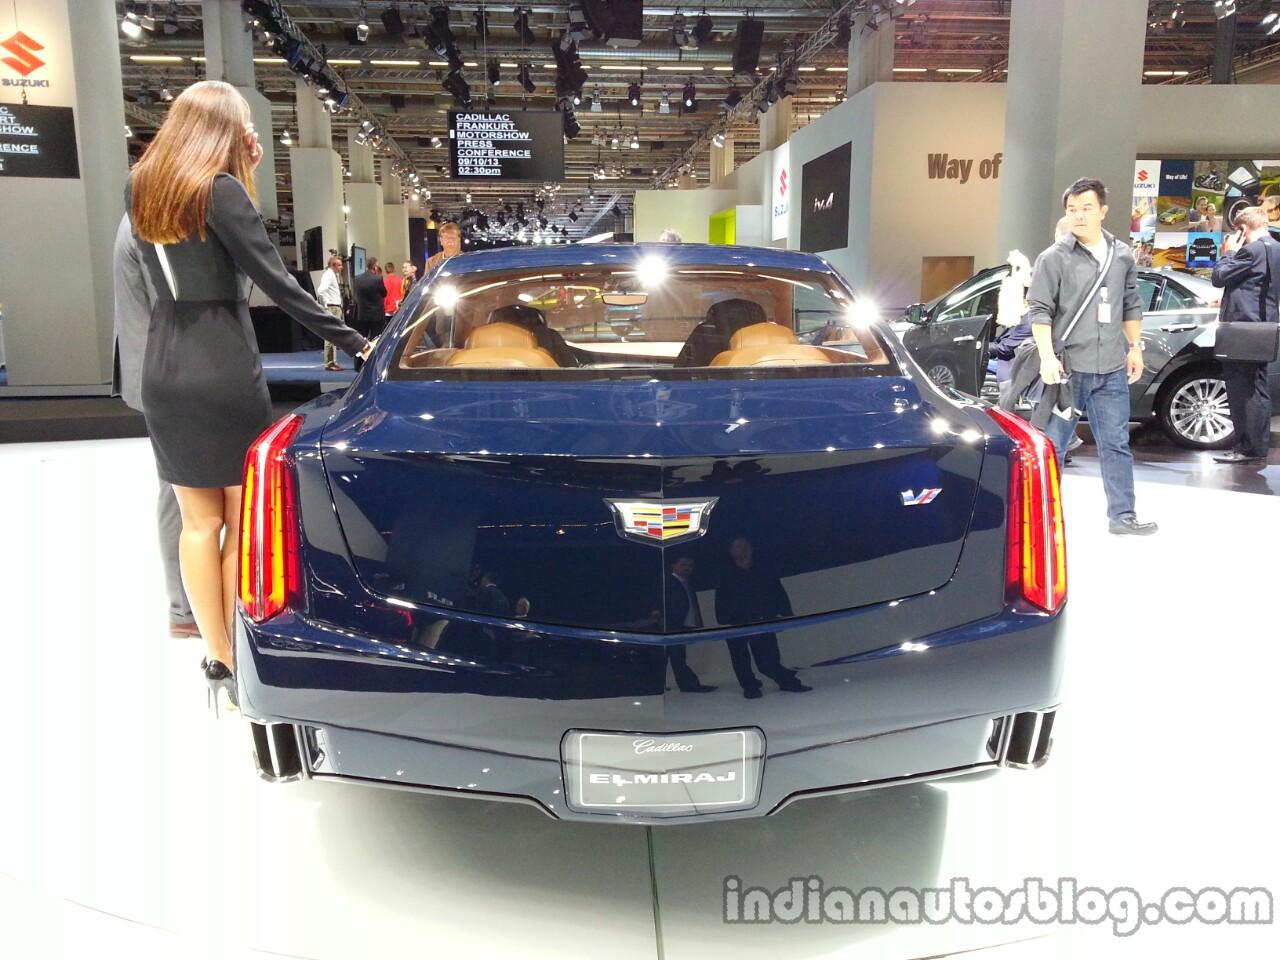 Rear of the Cadillac Elmiraj Concept